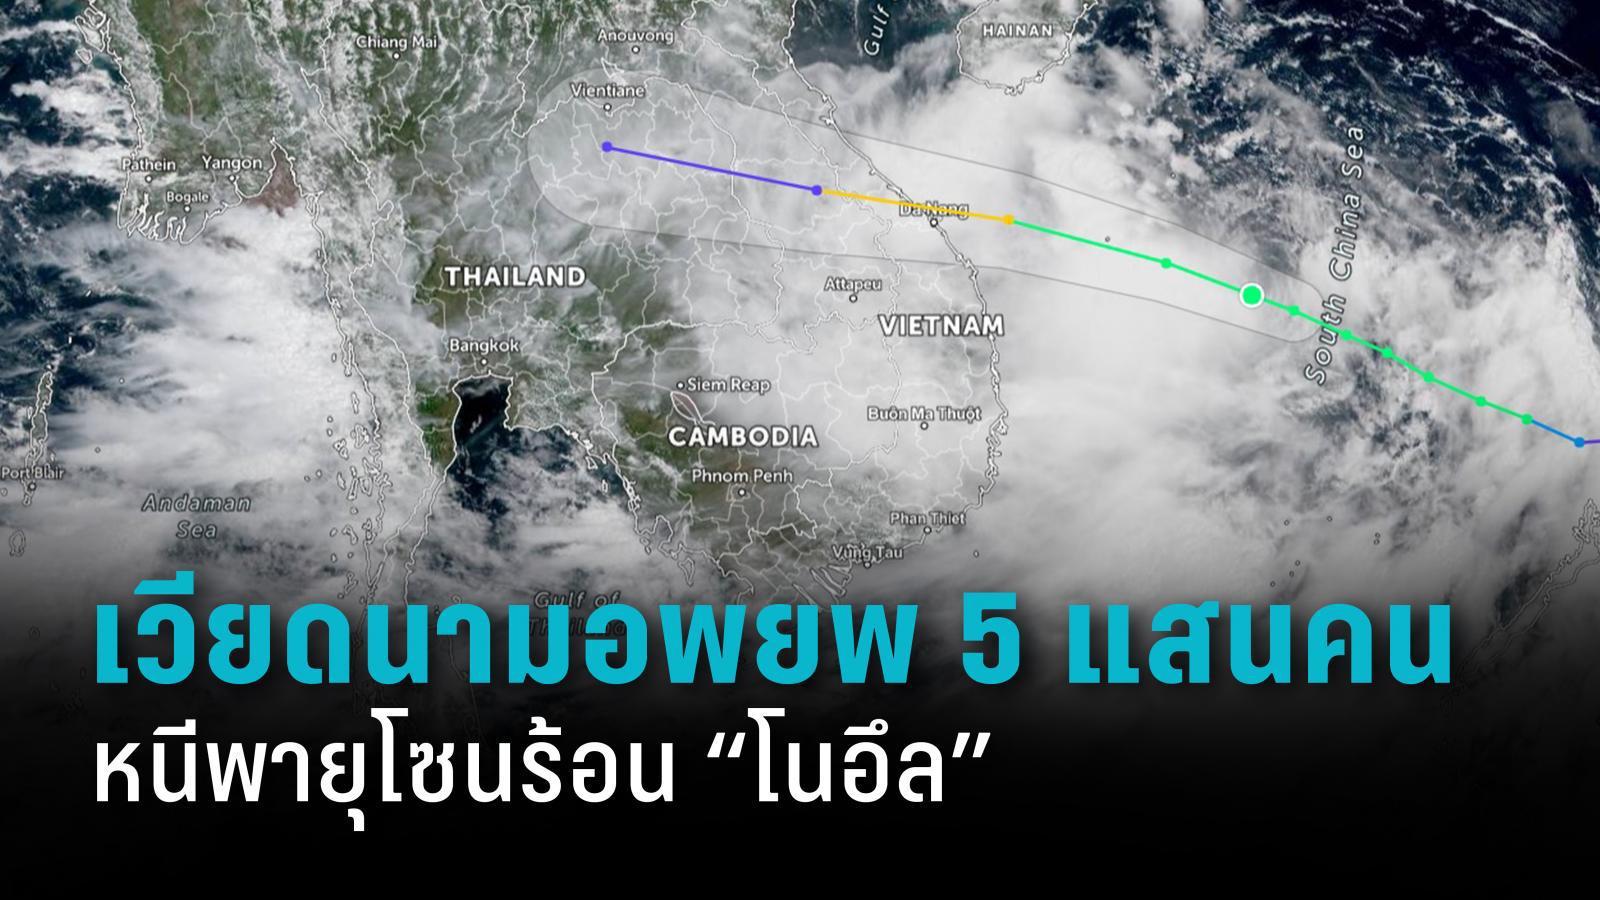 """เวียดนามเตรียมอพยพประชาชนครึ่งล้านหนีพายุ """"โนอึล"""""""